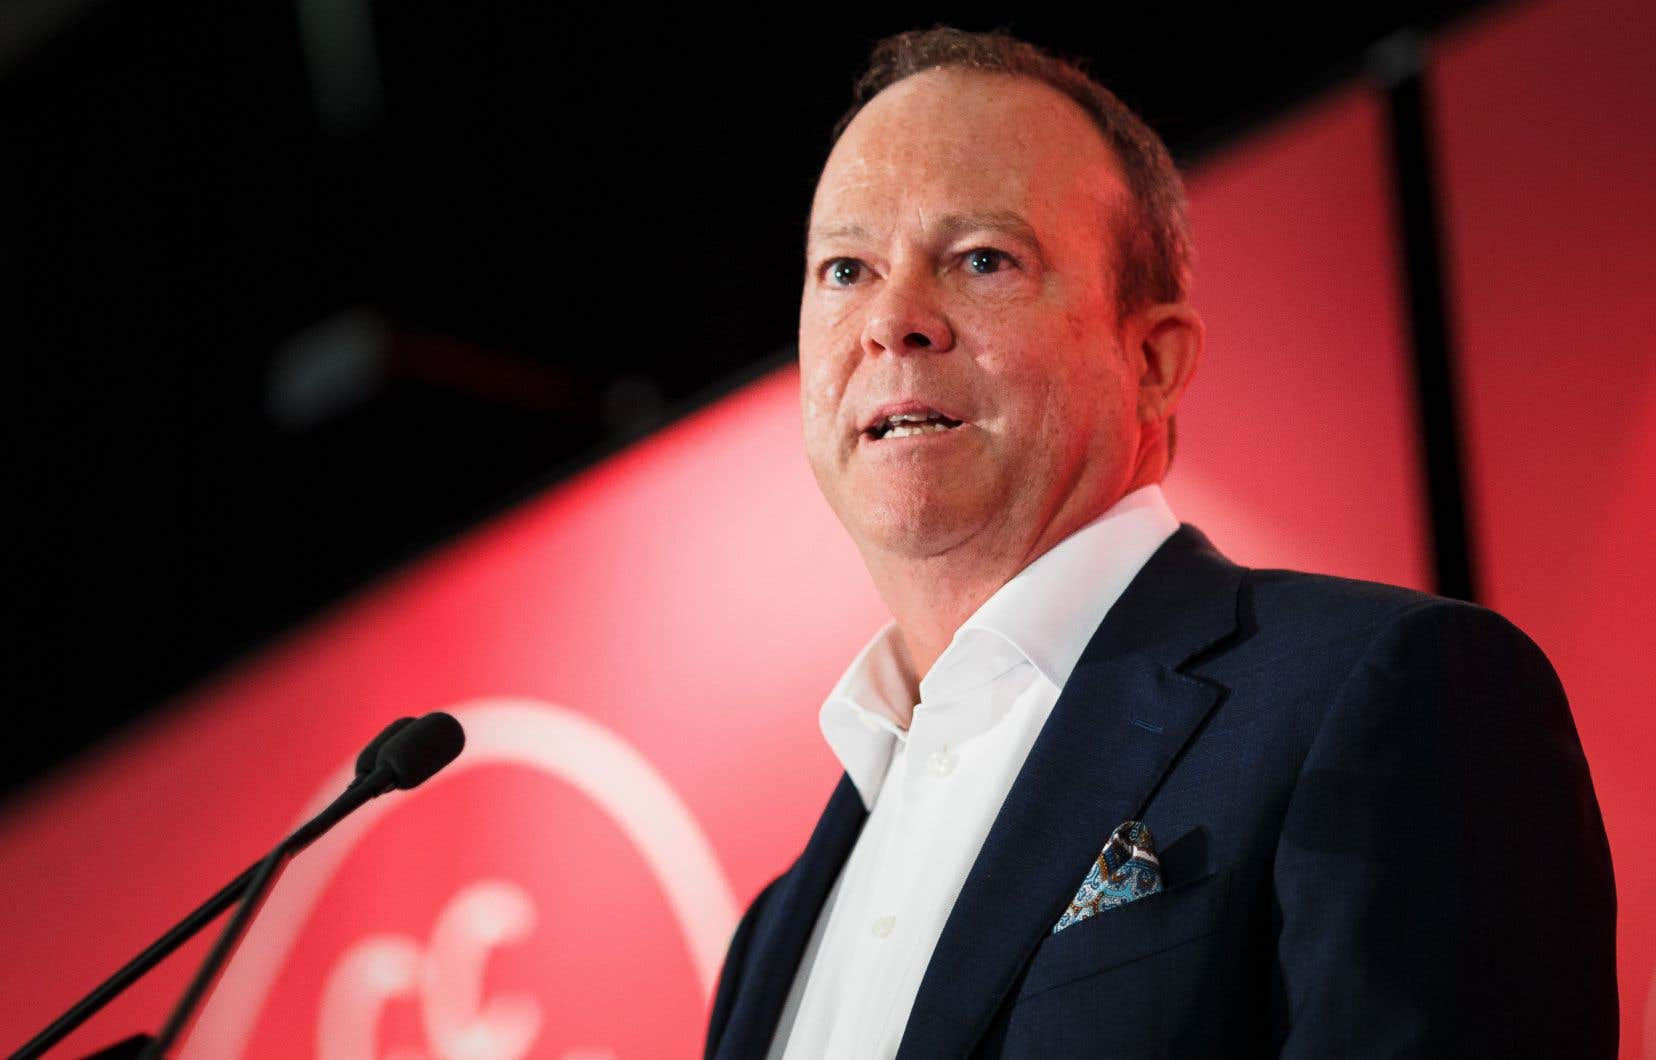 Le vice-président principal de Radio-Canadaa expliqué s'être rendu en décembre à Miami pour la première fois depuis le début de la pandémieafin de «régler des affaires concernant une propriété» qu'il y possède depuis «plusieurs années».